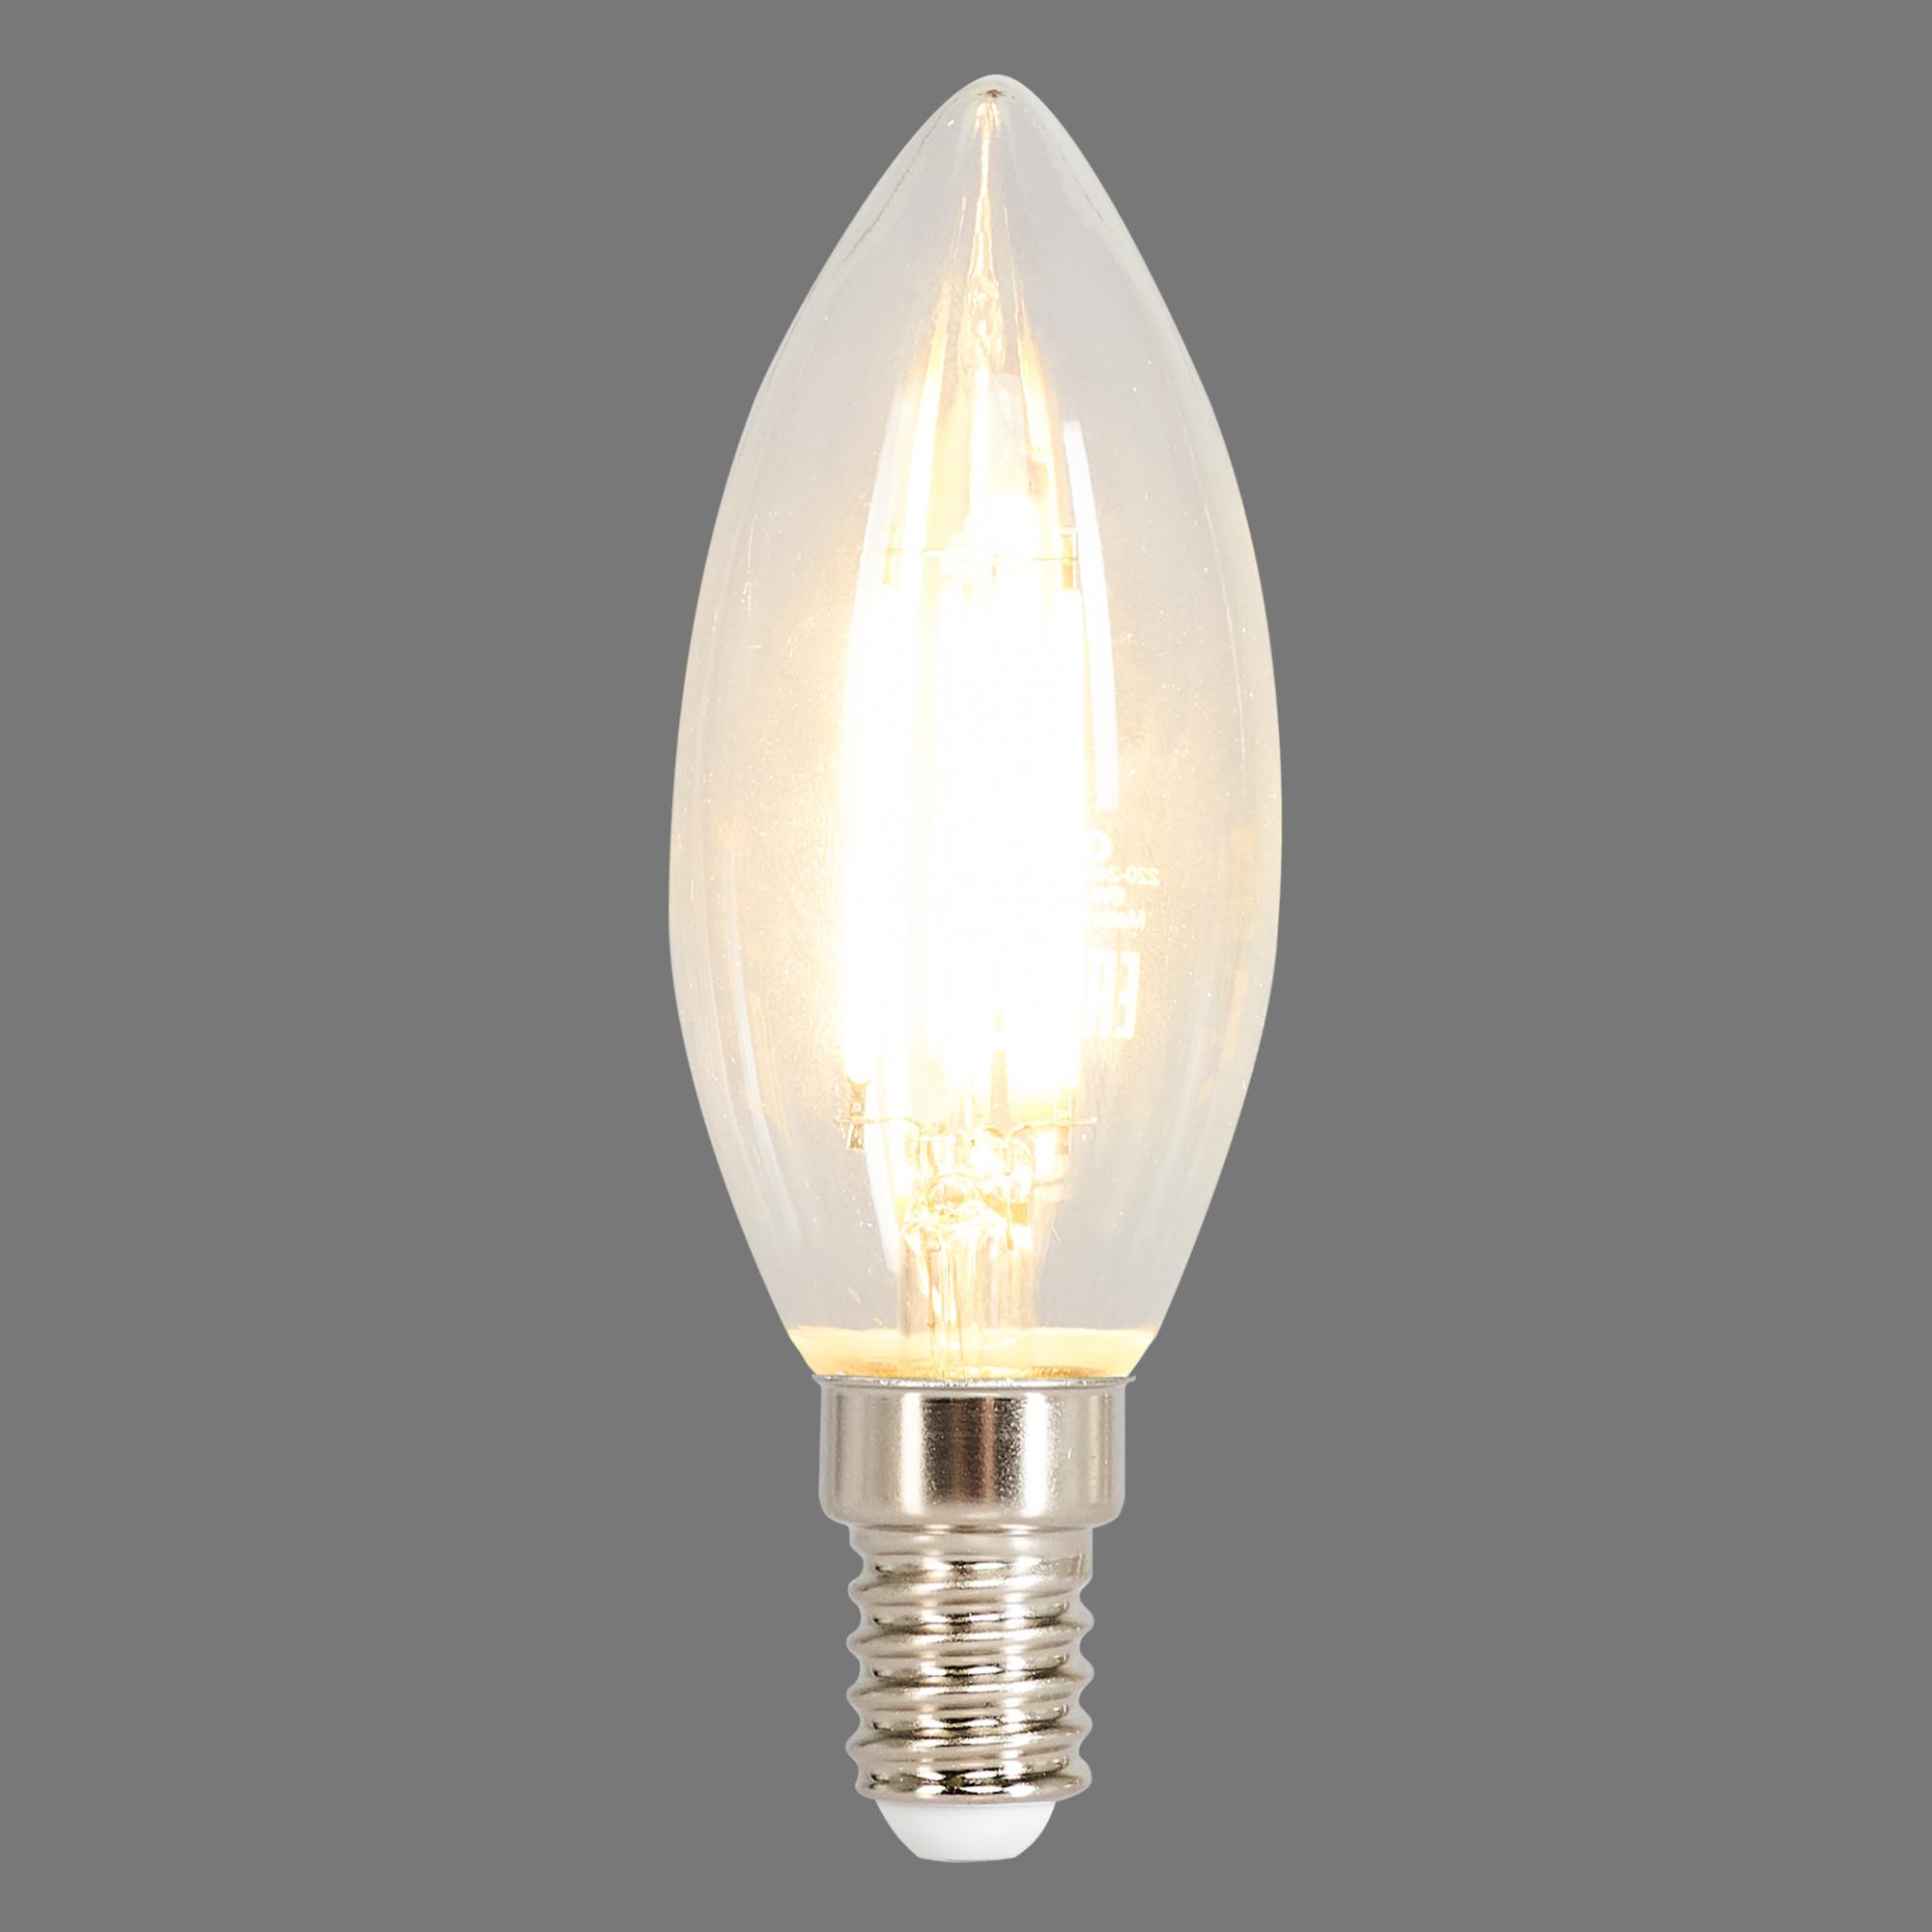 Лампа светодиодная Osram E14 220 В 6 Вт свеча прозрачная 800 лм тёплый белый свет